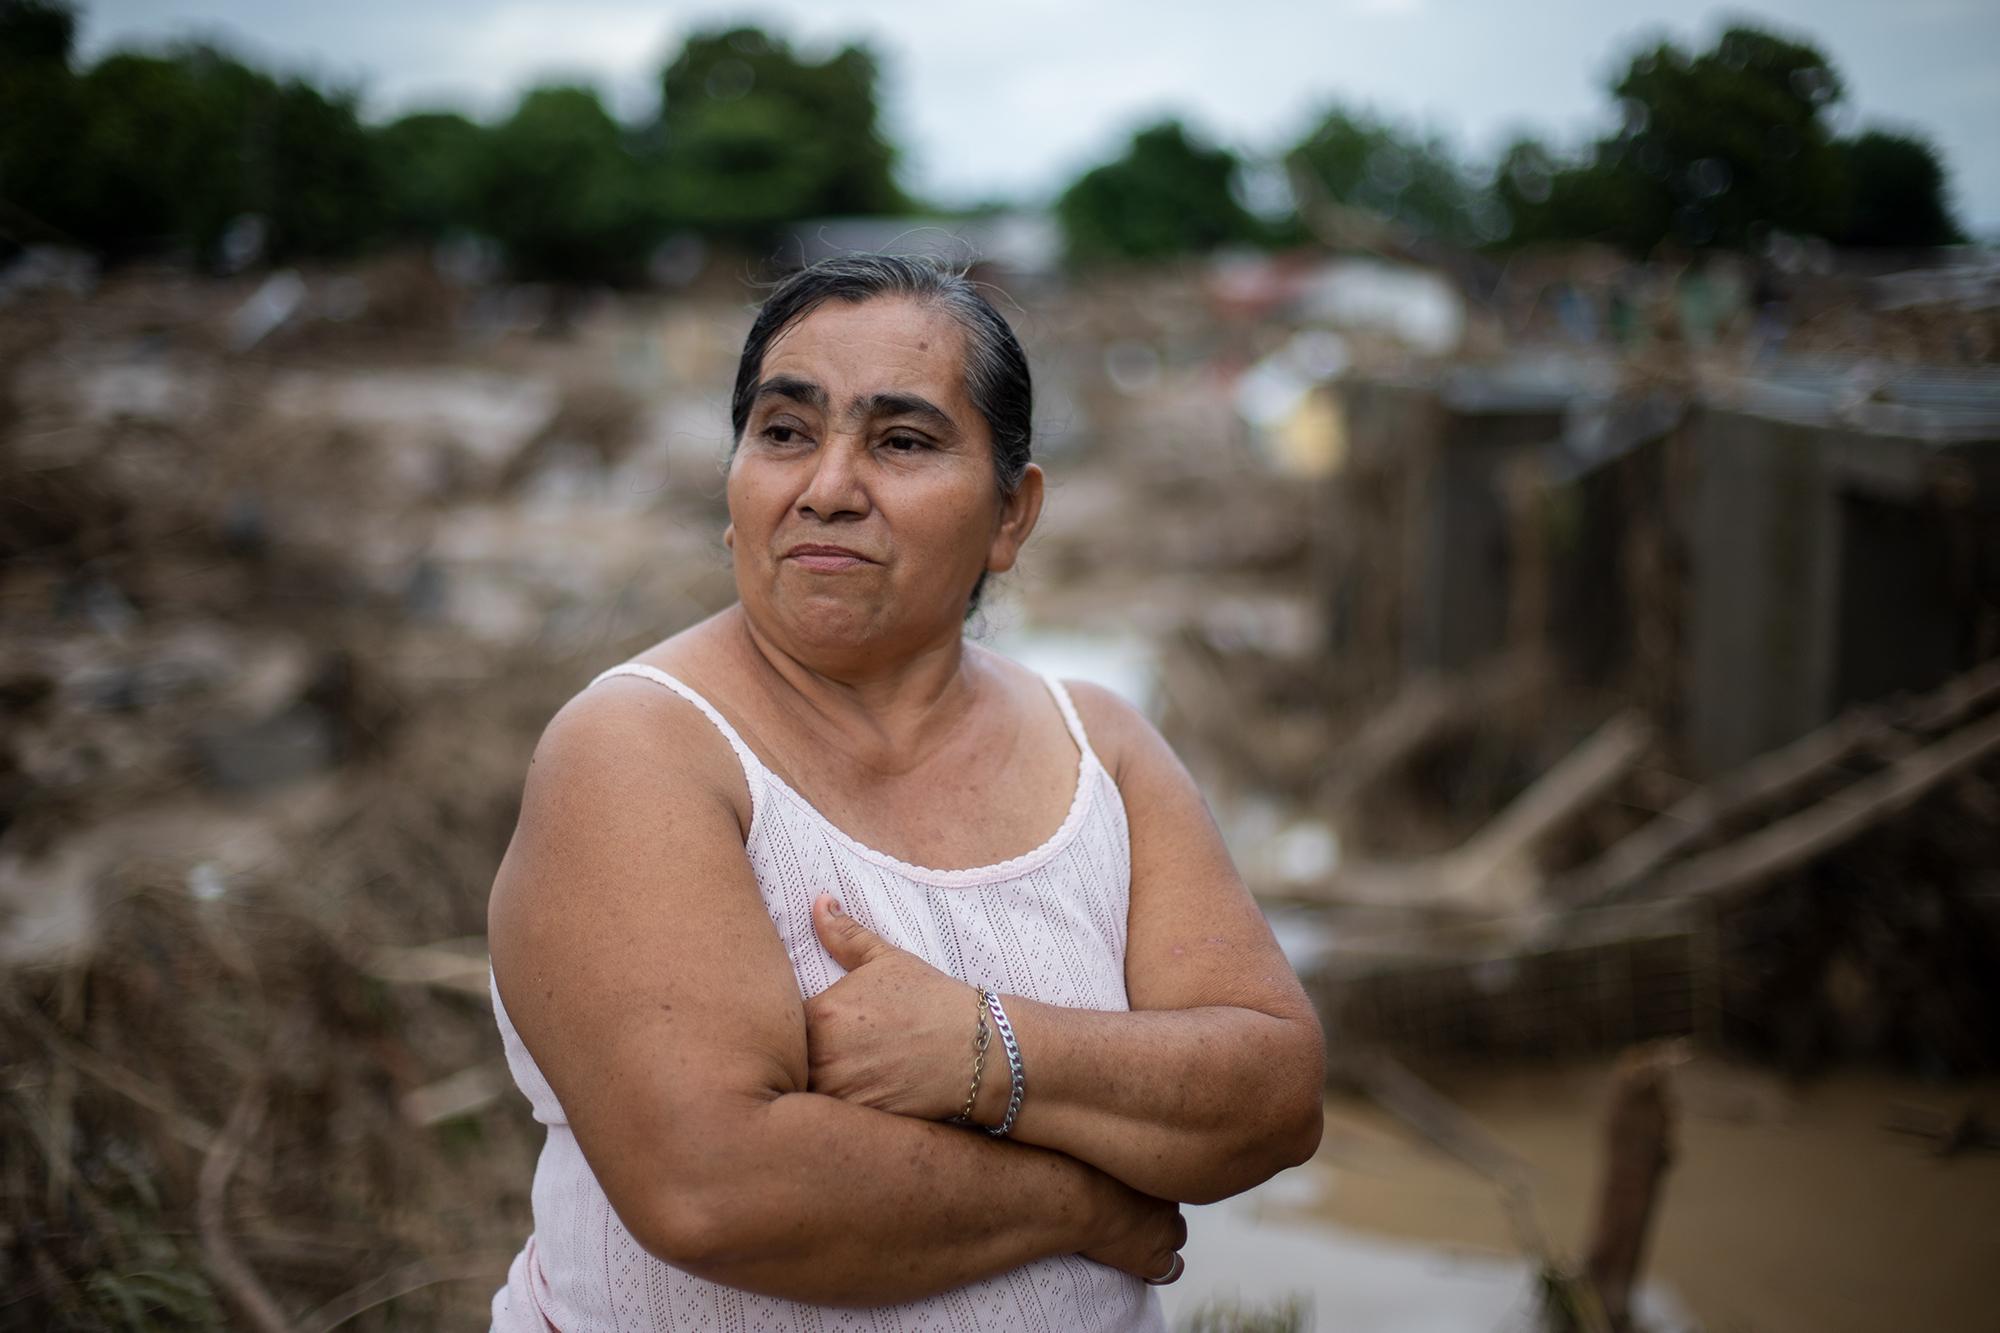 Elsa tiene 53 años y las lluvias y la crecida del cauce del río Chamelecón ha destruido su hogar. Ahora ella y su familia se han refugiado en el único albergue que pueden en el malecón, donde no hay baños ni comida. Ahí, su familia y otras cuarenta familias deben esperar a que las condiciones mejoren y les permitan volver a sus casas. San Pedro Sula, 20 de noviembre de 2020. Foto: Martín Cálix.